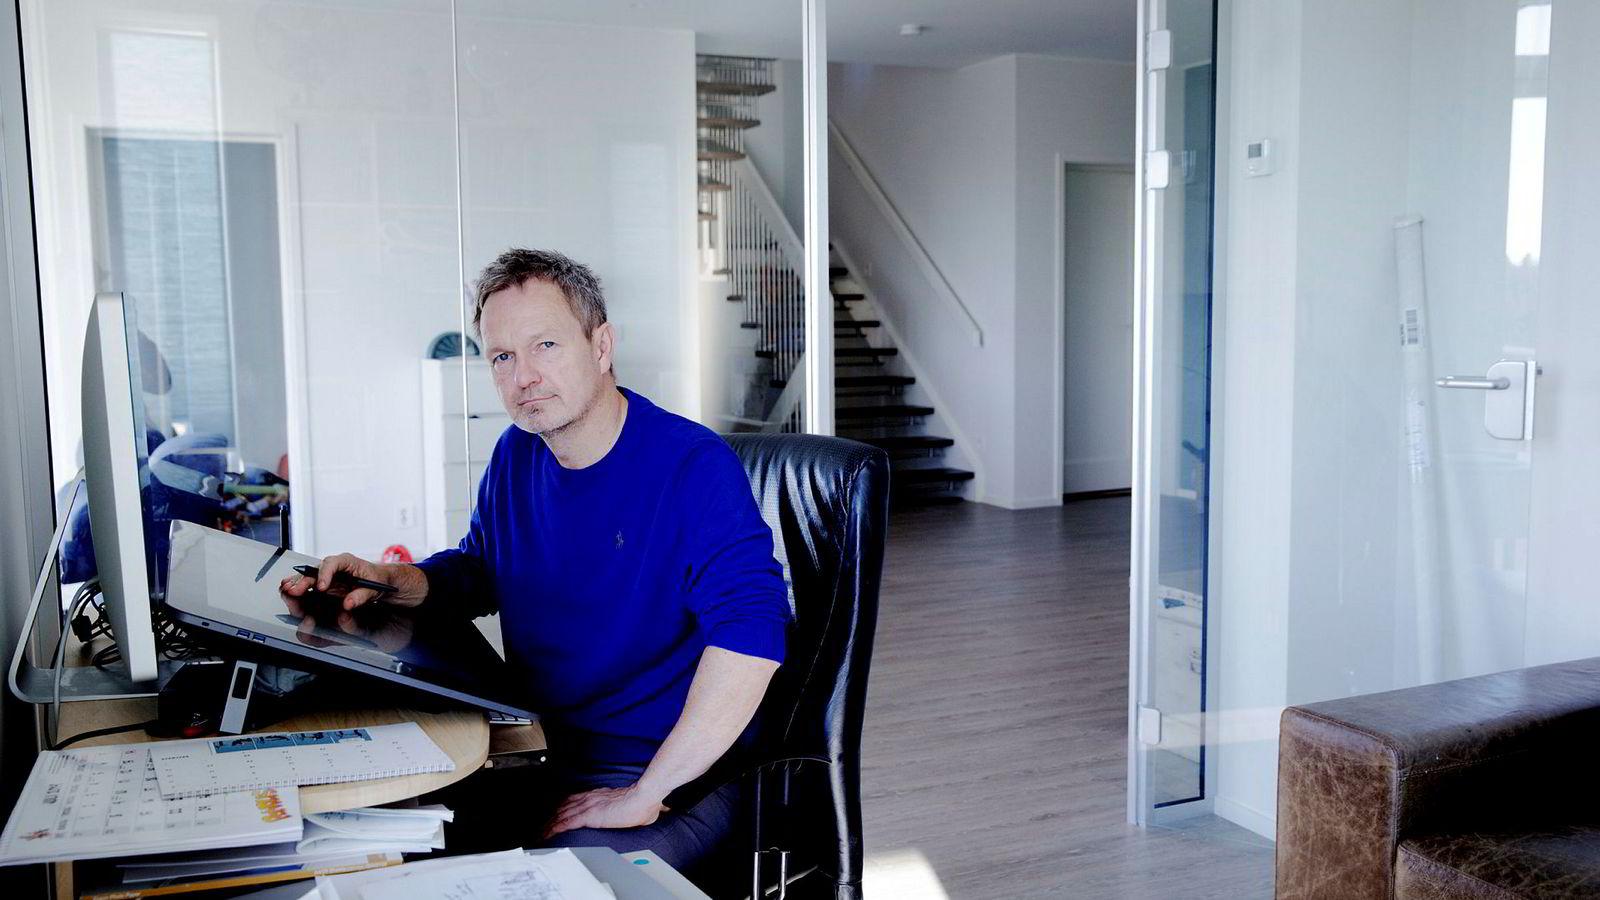 Tegneserieskaper Frode Øverli har hjemmekontor på Askøy utenfor Bergen.